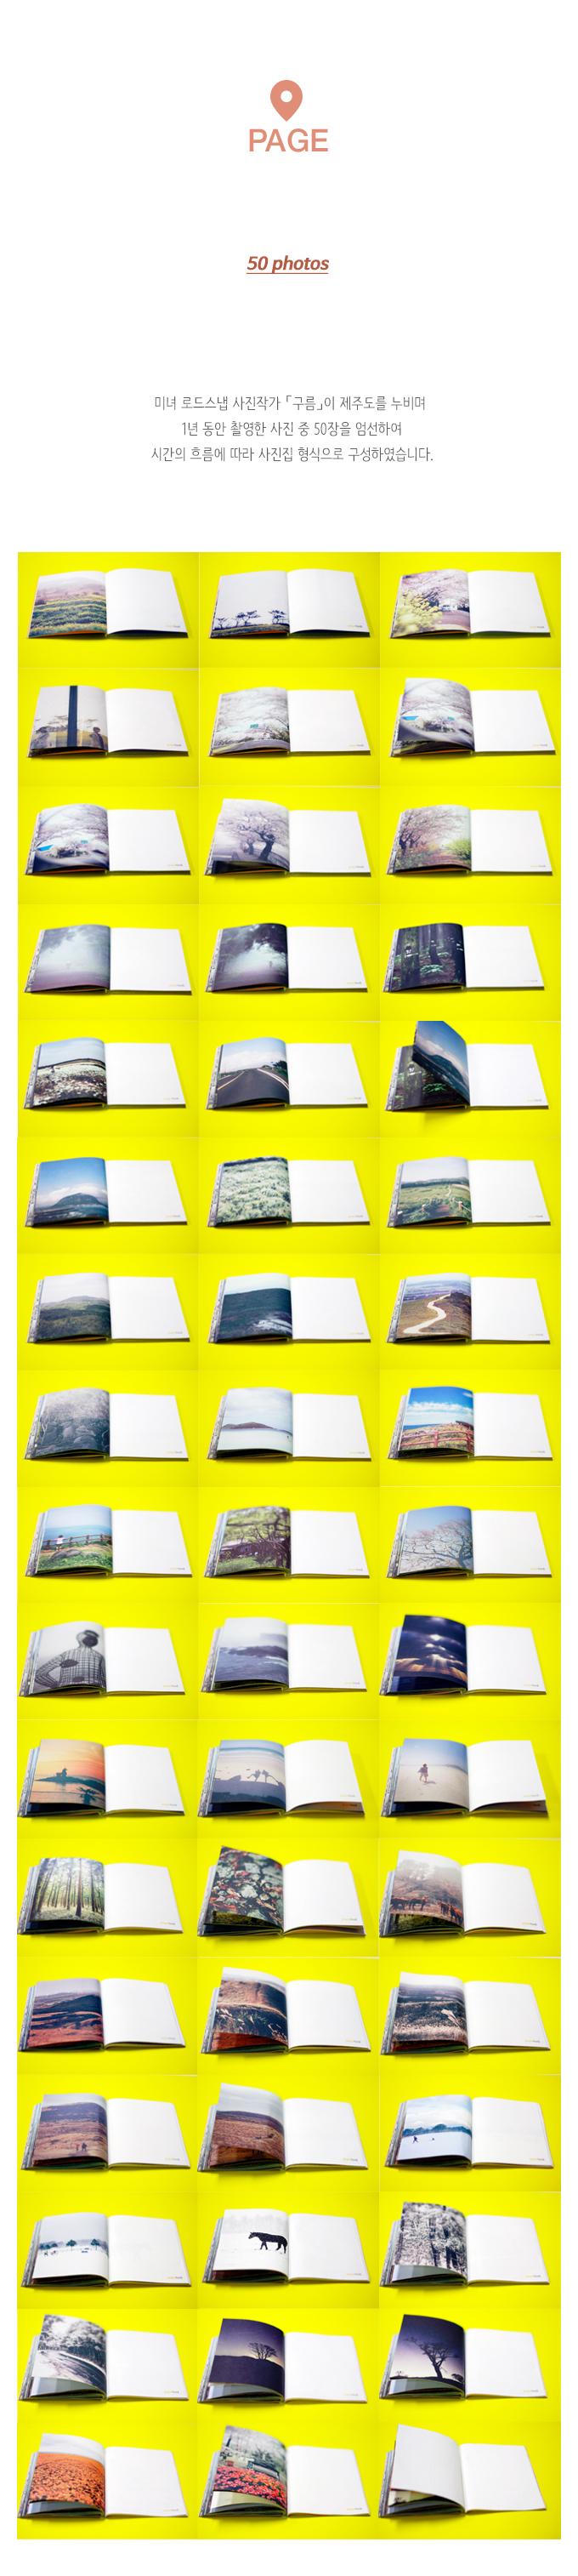 제주 풍경 노트 - 포포북 - 포포북, 3,000원, 노트세트, 노트세트